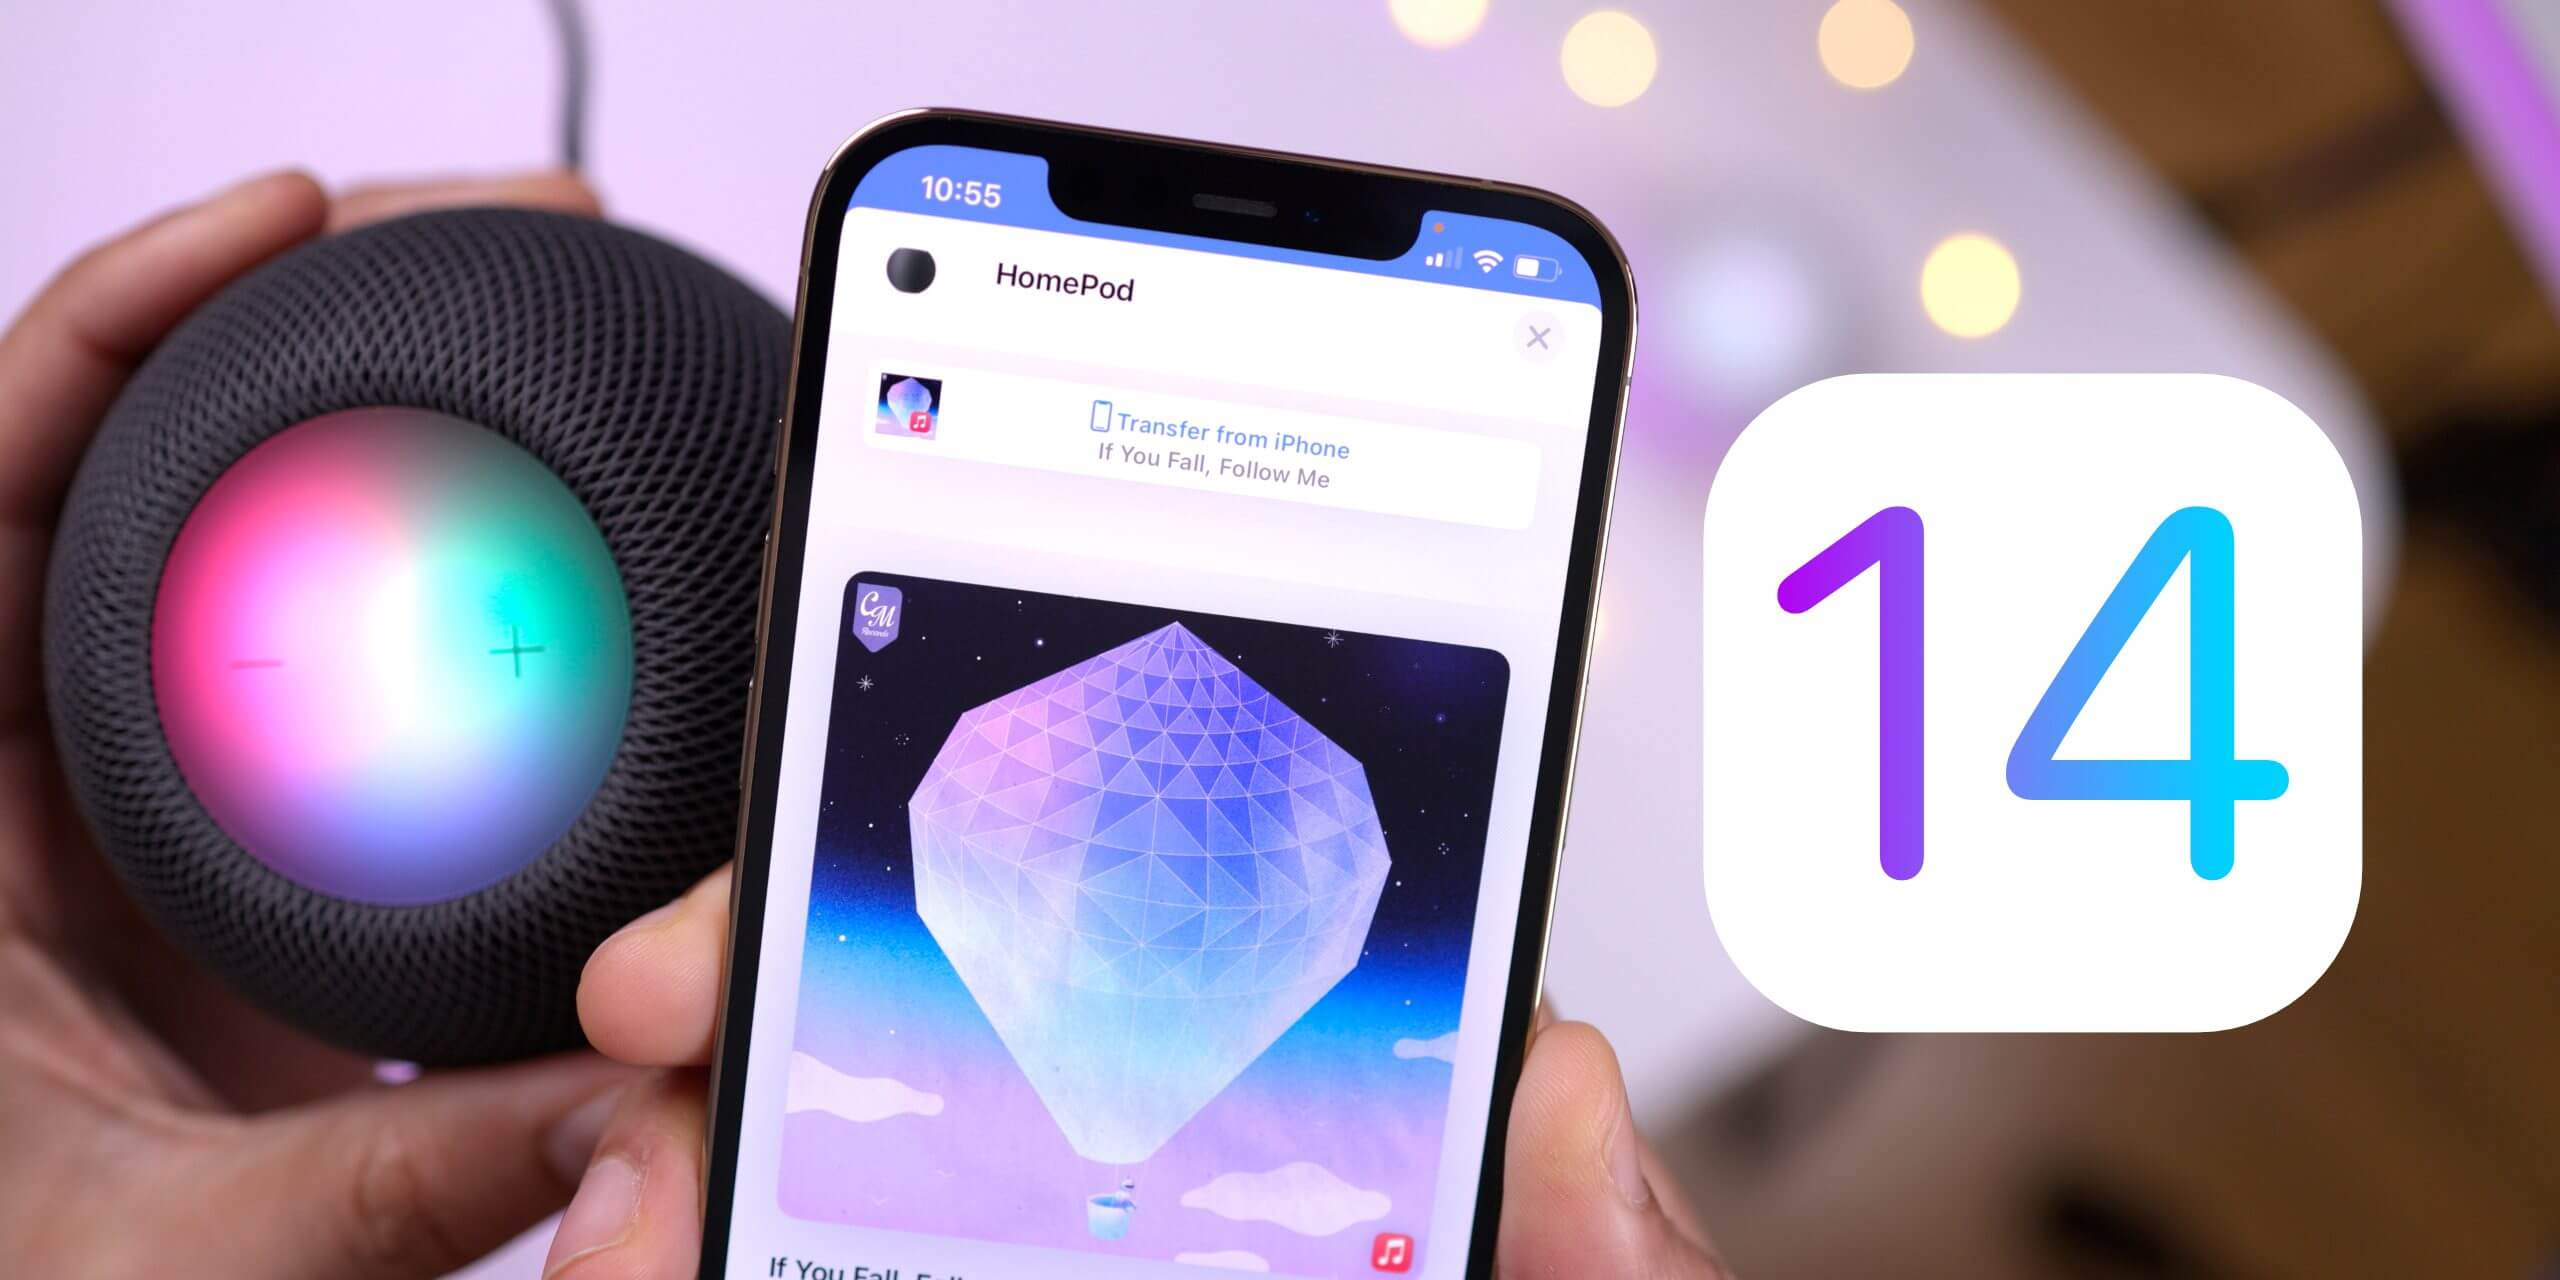 iOS 14.4 updates